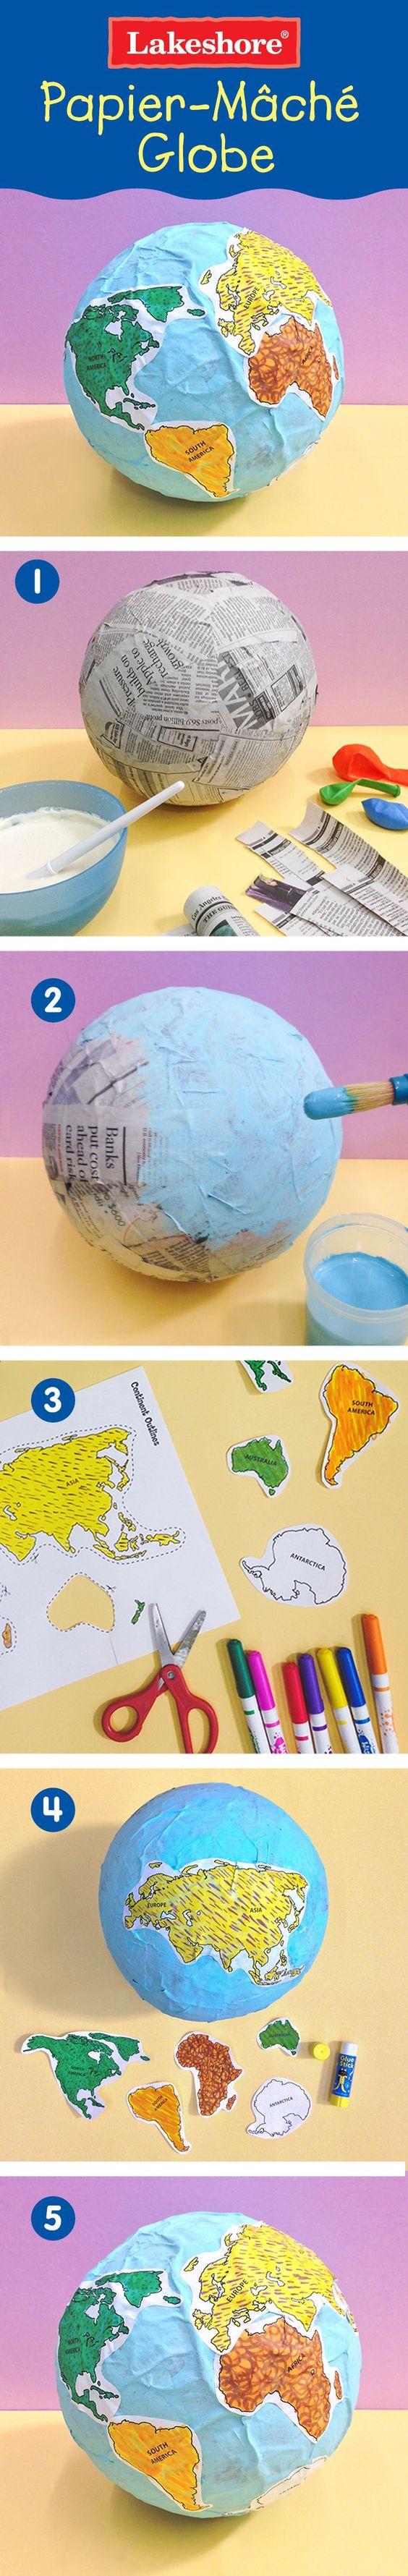 Wenn sie sich die Welt selber basteln, lernen die Kids die Länder am schnellsten: Globus aus Pappmaché.